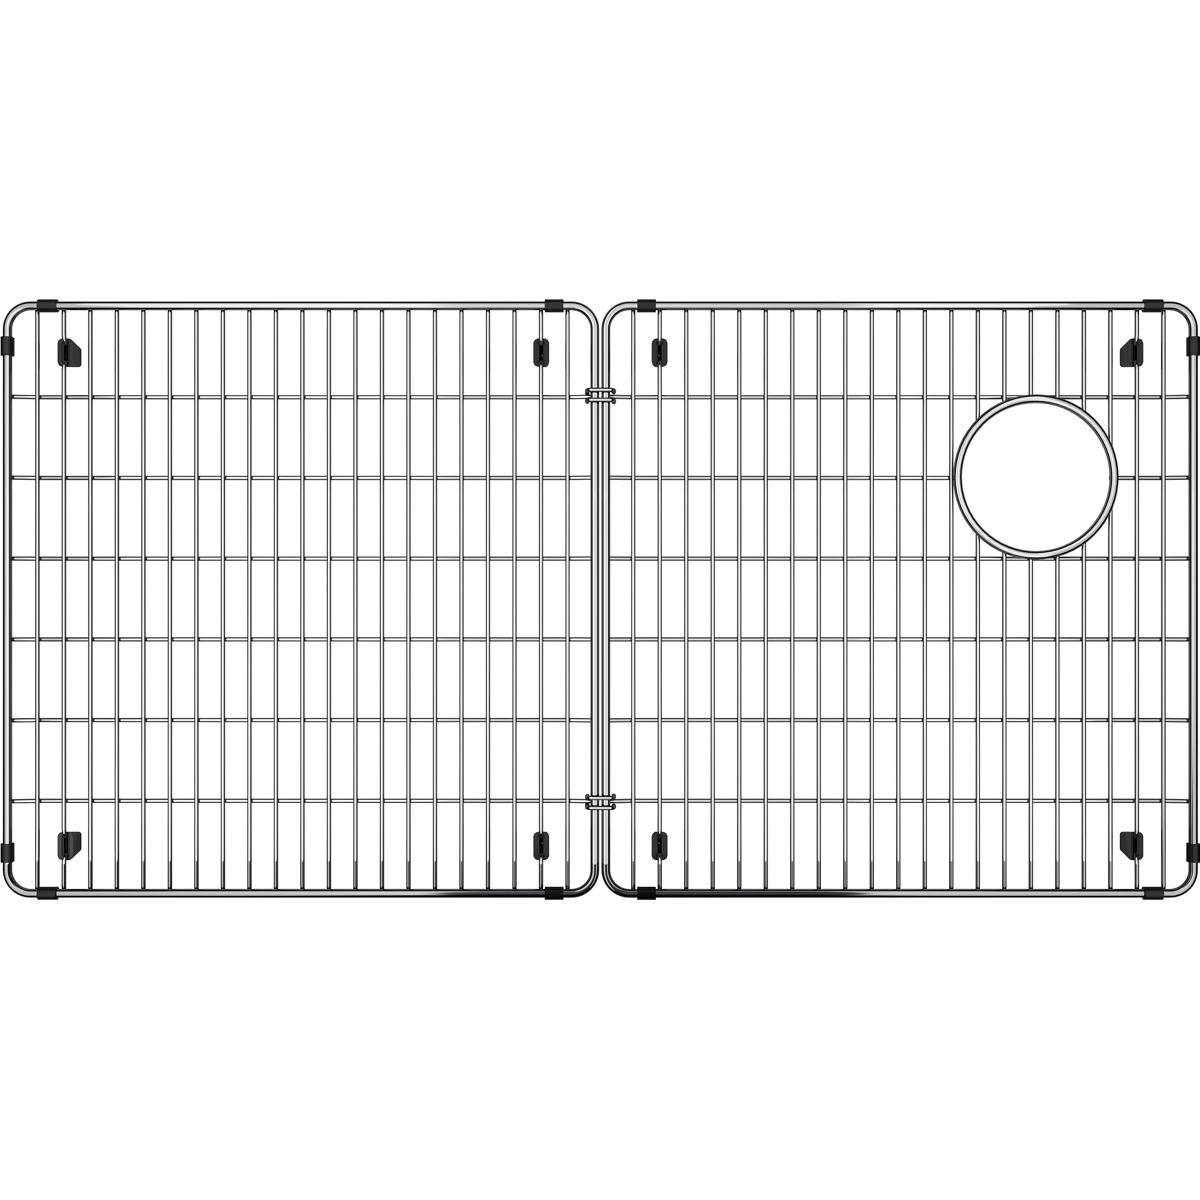 Elkay CTXFBG3316 Crosstown Stainless Steel Bottom Grid